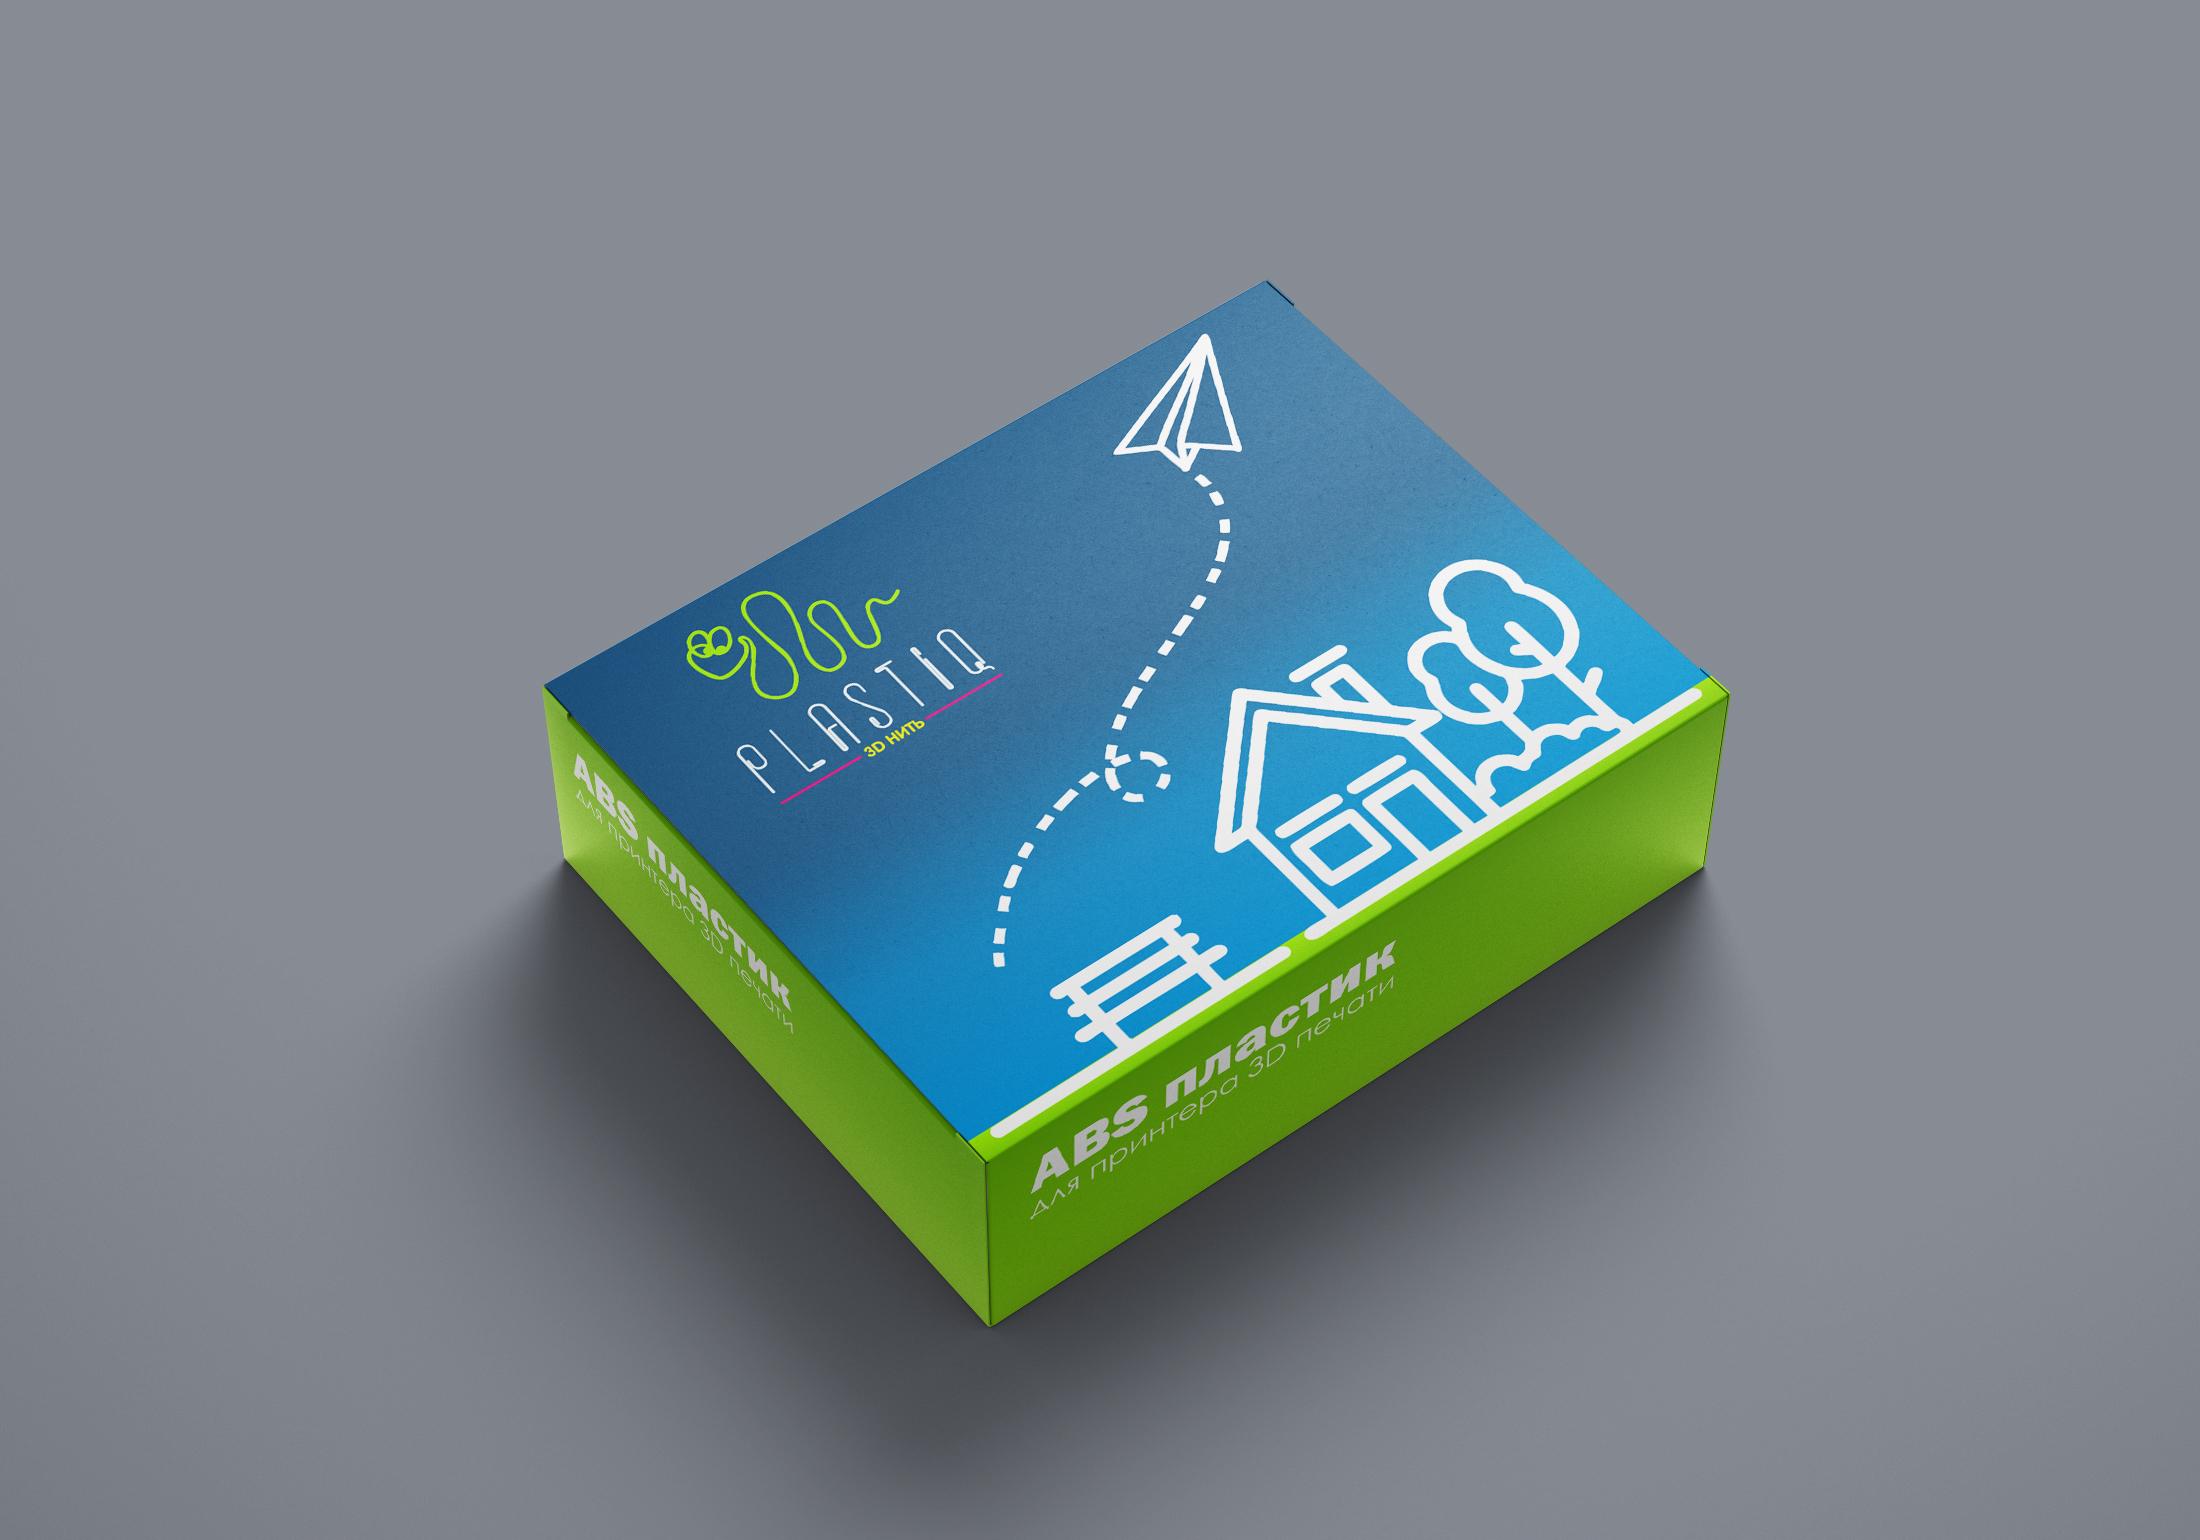 Разработка логотипа, упаковки - 3д нить фото f_4925b7b0955b5020.jpg